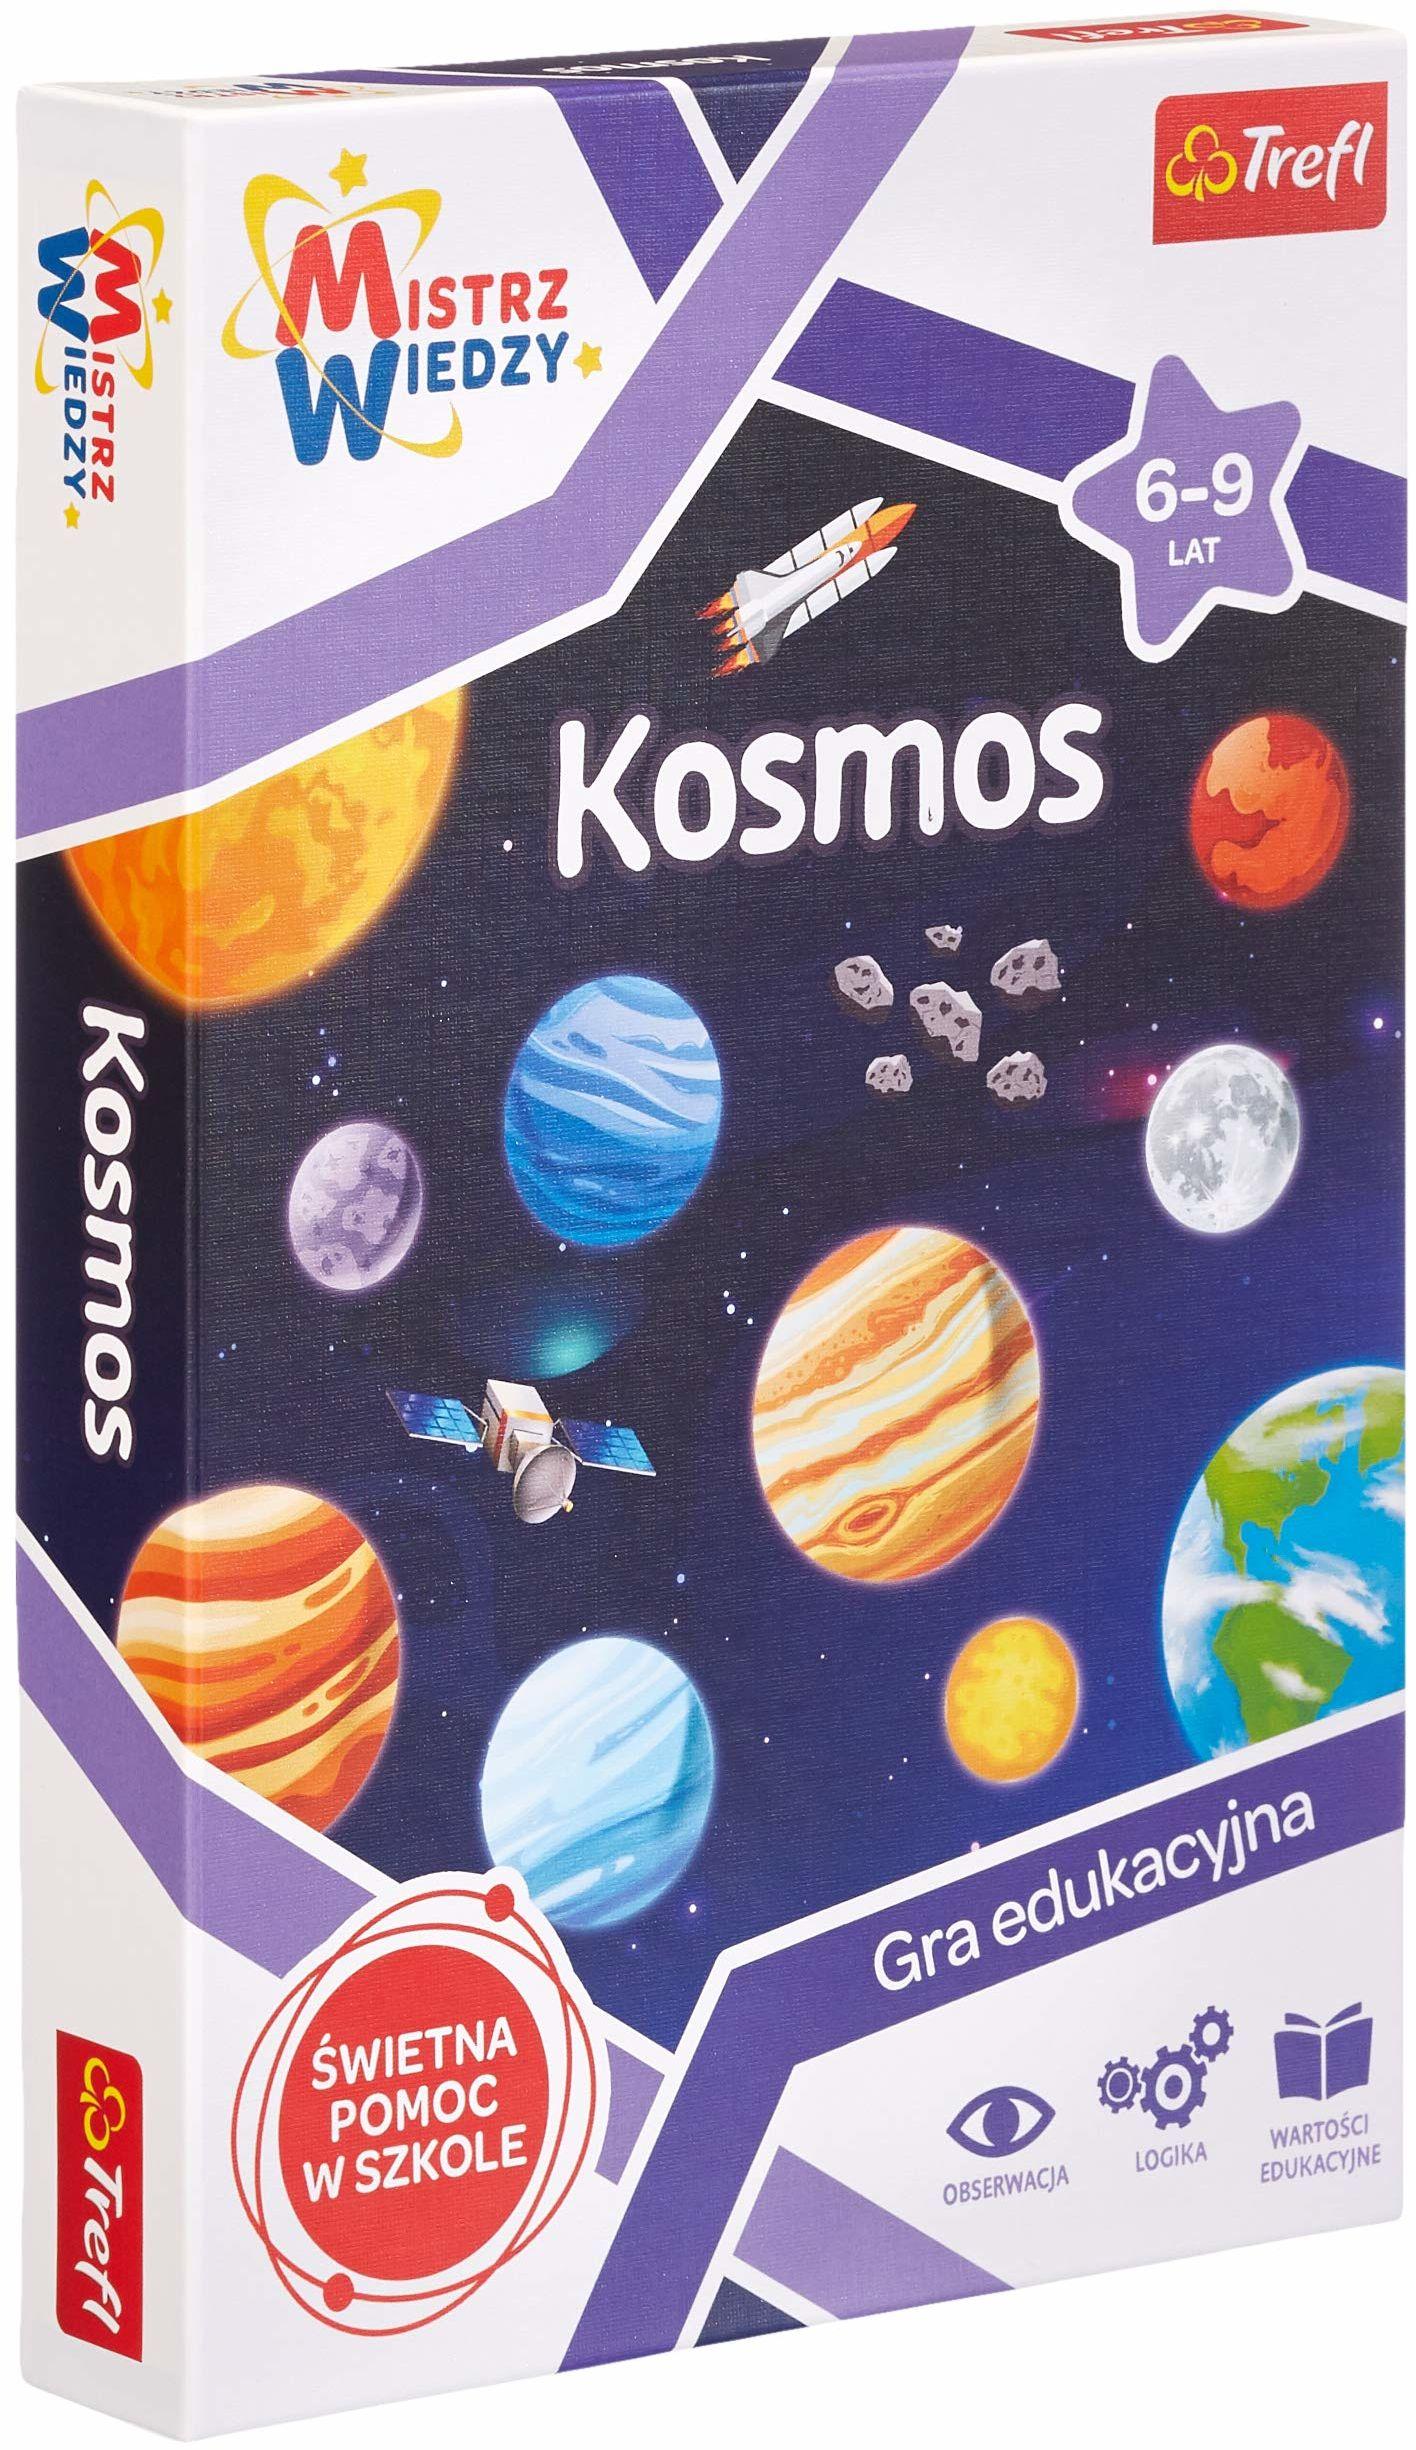 Trefl 01956 Gra, Kosmos, Mistrz Wiedzy 01956